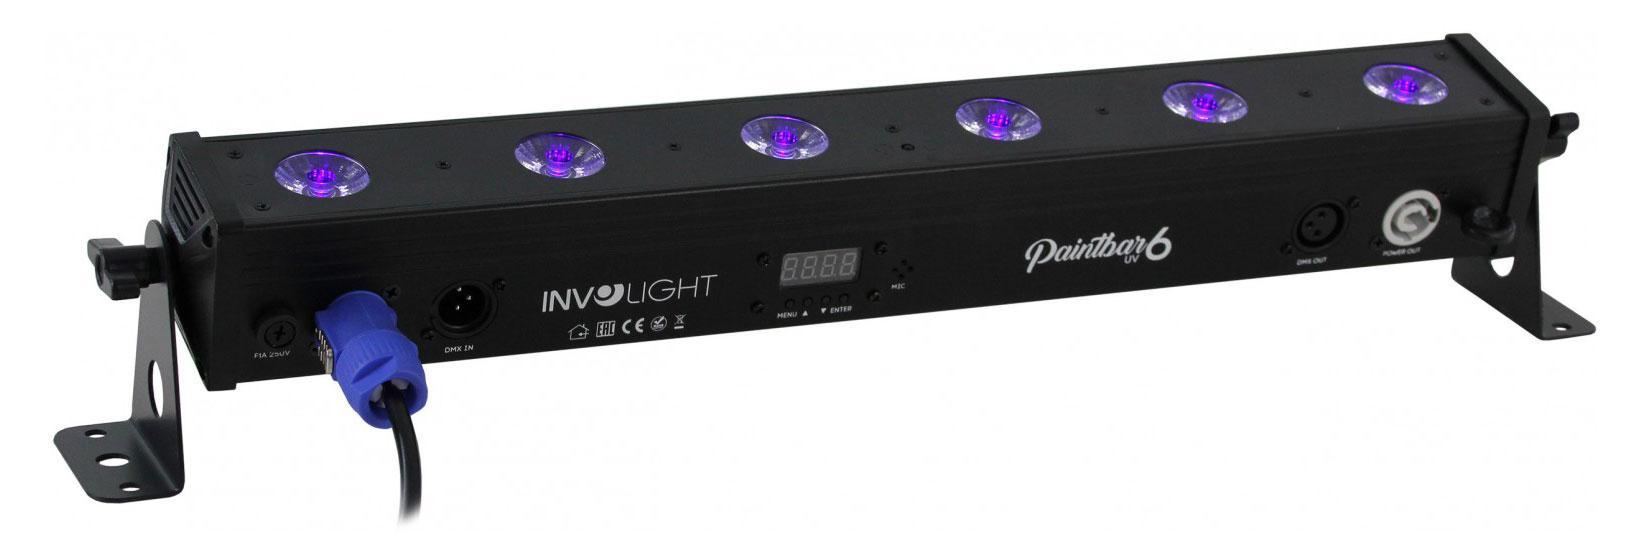 Lichteffekte - Involight PaintBAR UV6 Leiste - Onlineshop Musikhaus Kirstein